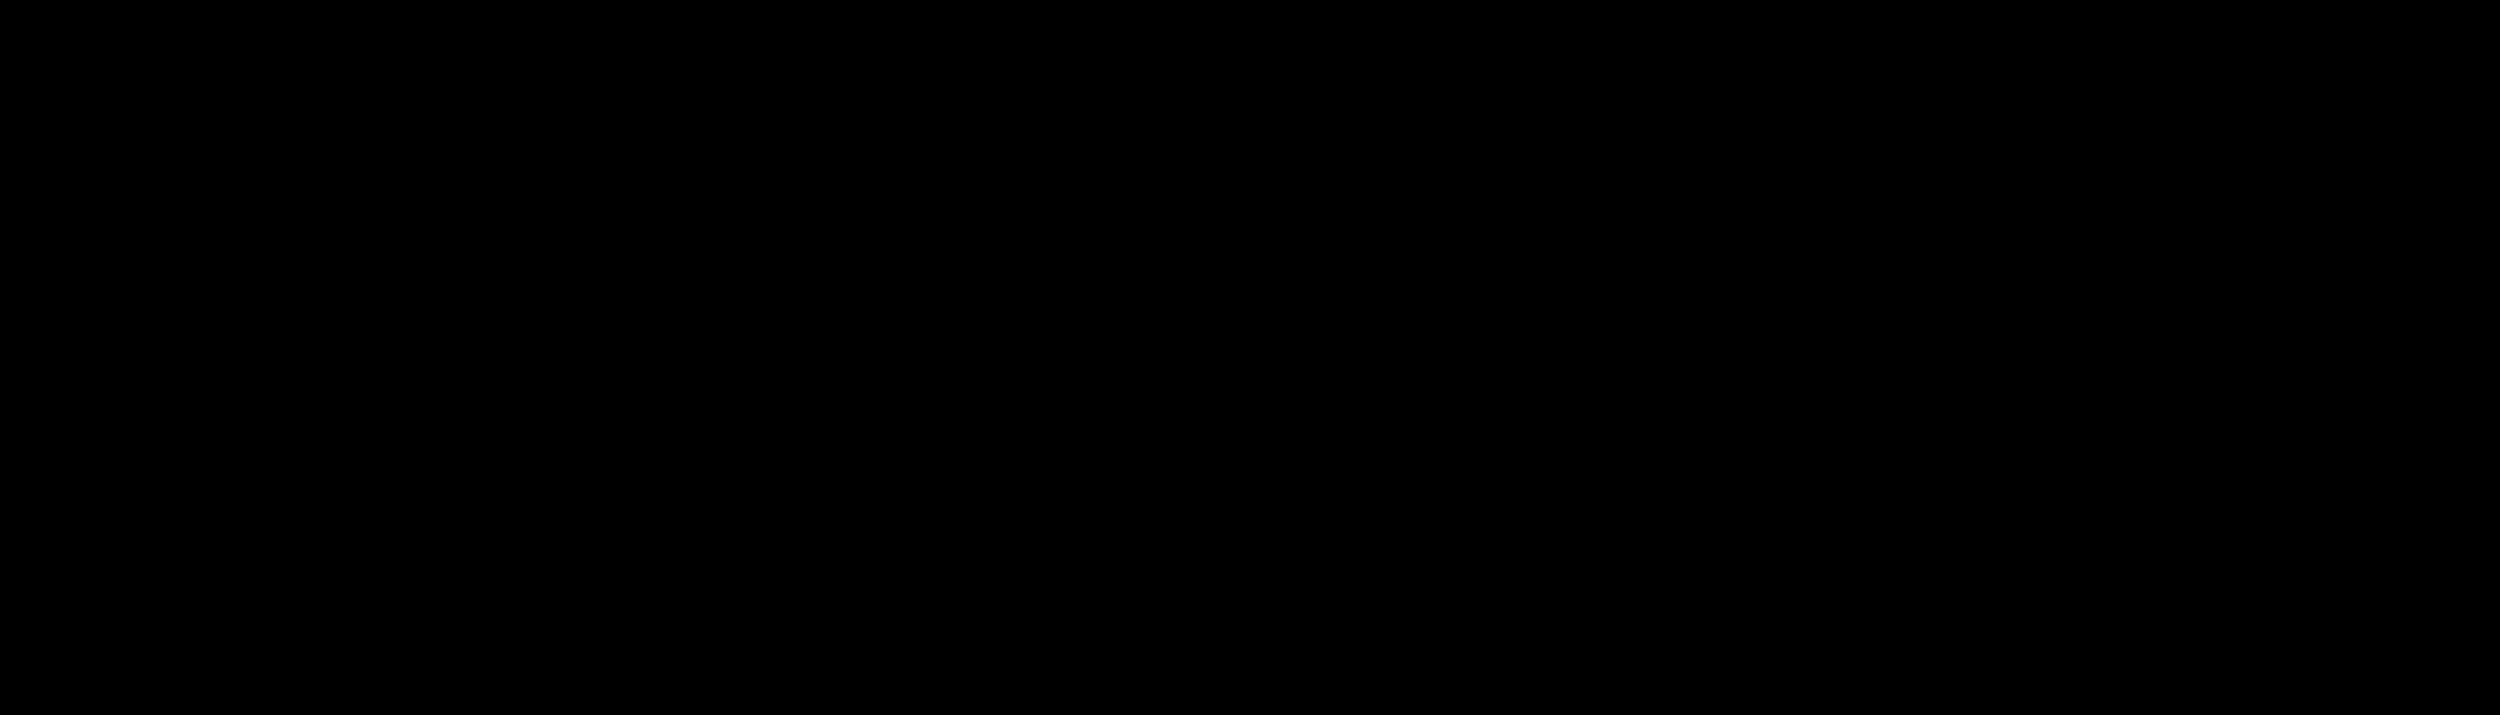 ONCEPT ARENA-logo-black (3).png